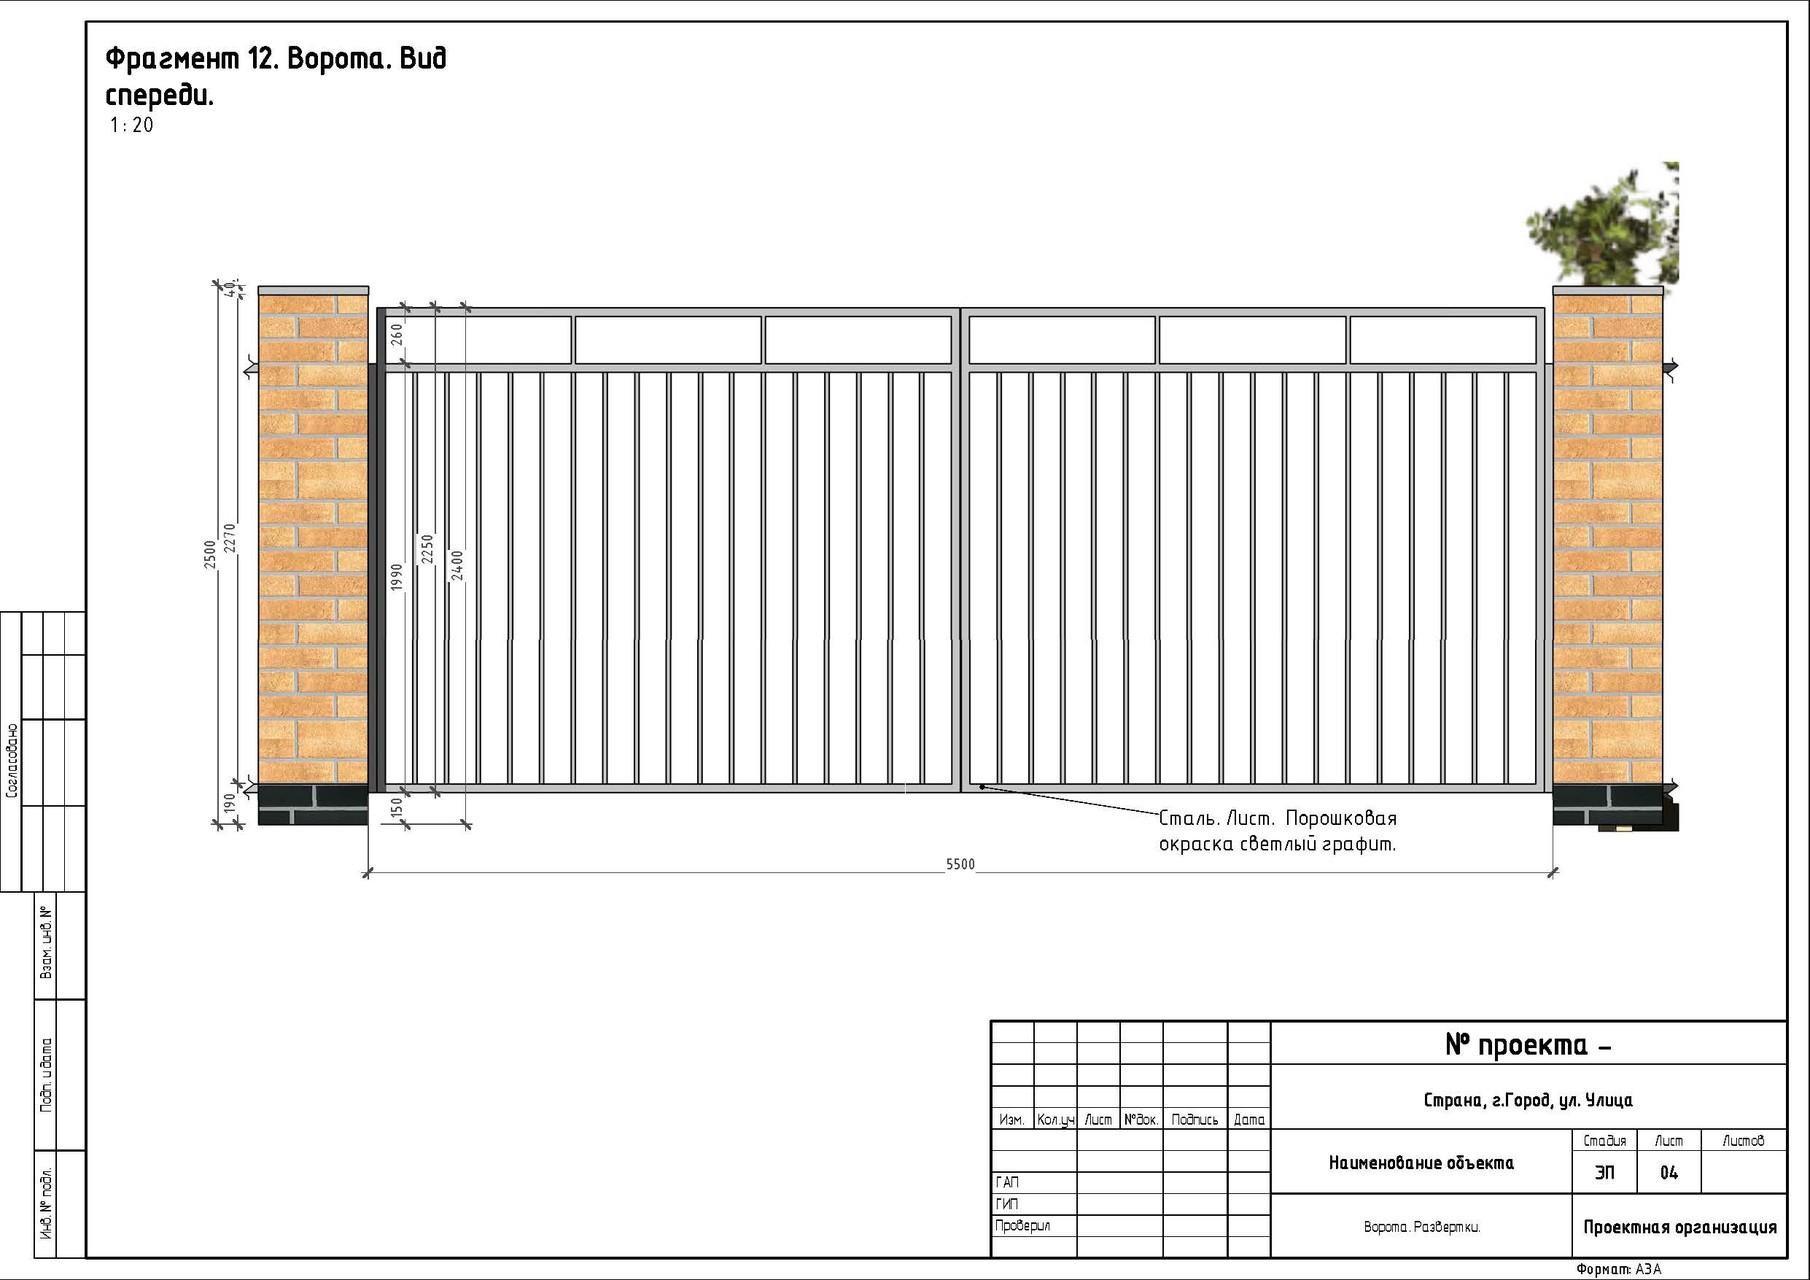 Эскизный проект ограждения поселка таунхаусов